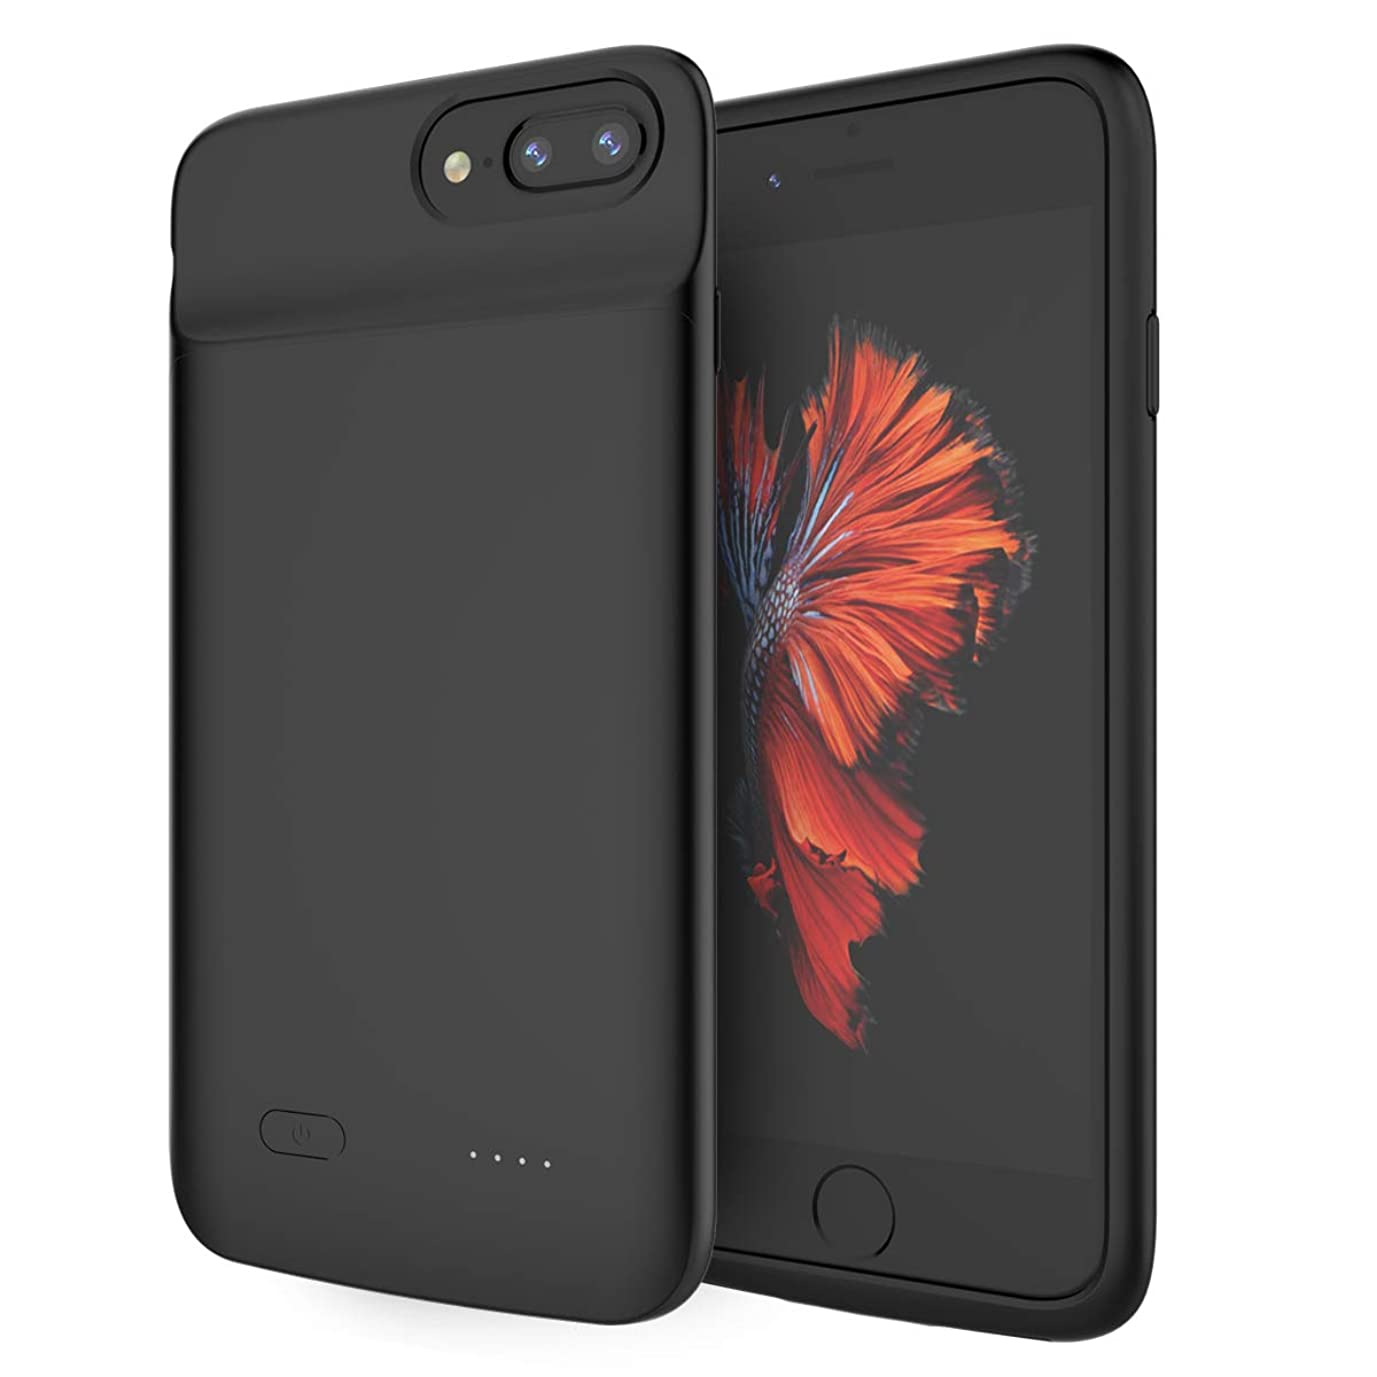 墓地連結する他にiPhone 6 Plus iPhone 6s Plus iPhone 7 Plus iPhone 8 Plus 5.5inch 5000mah Battery Charger バッテリーケース、超薄型 ポータブル充電器ケース充電式拡張バッテリパック保護バックアップ充電ケースカバー 用の高速充電機能 黑